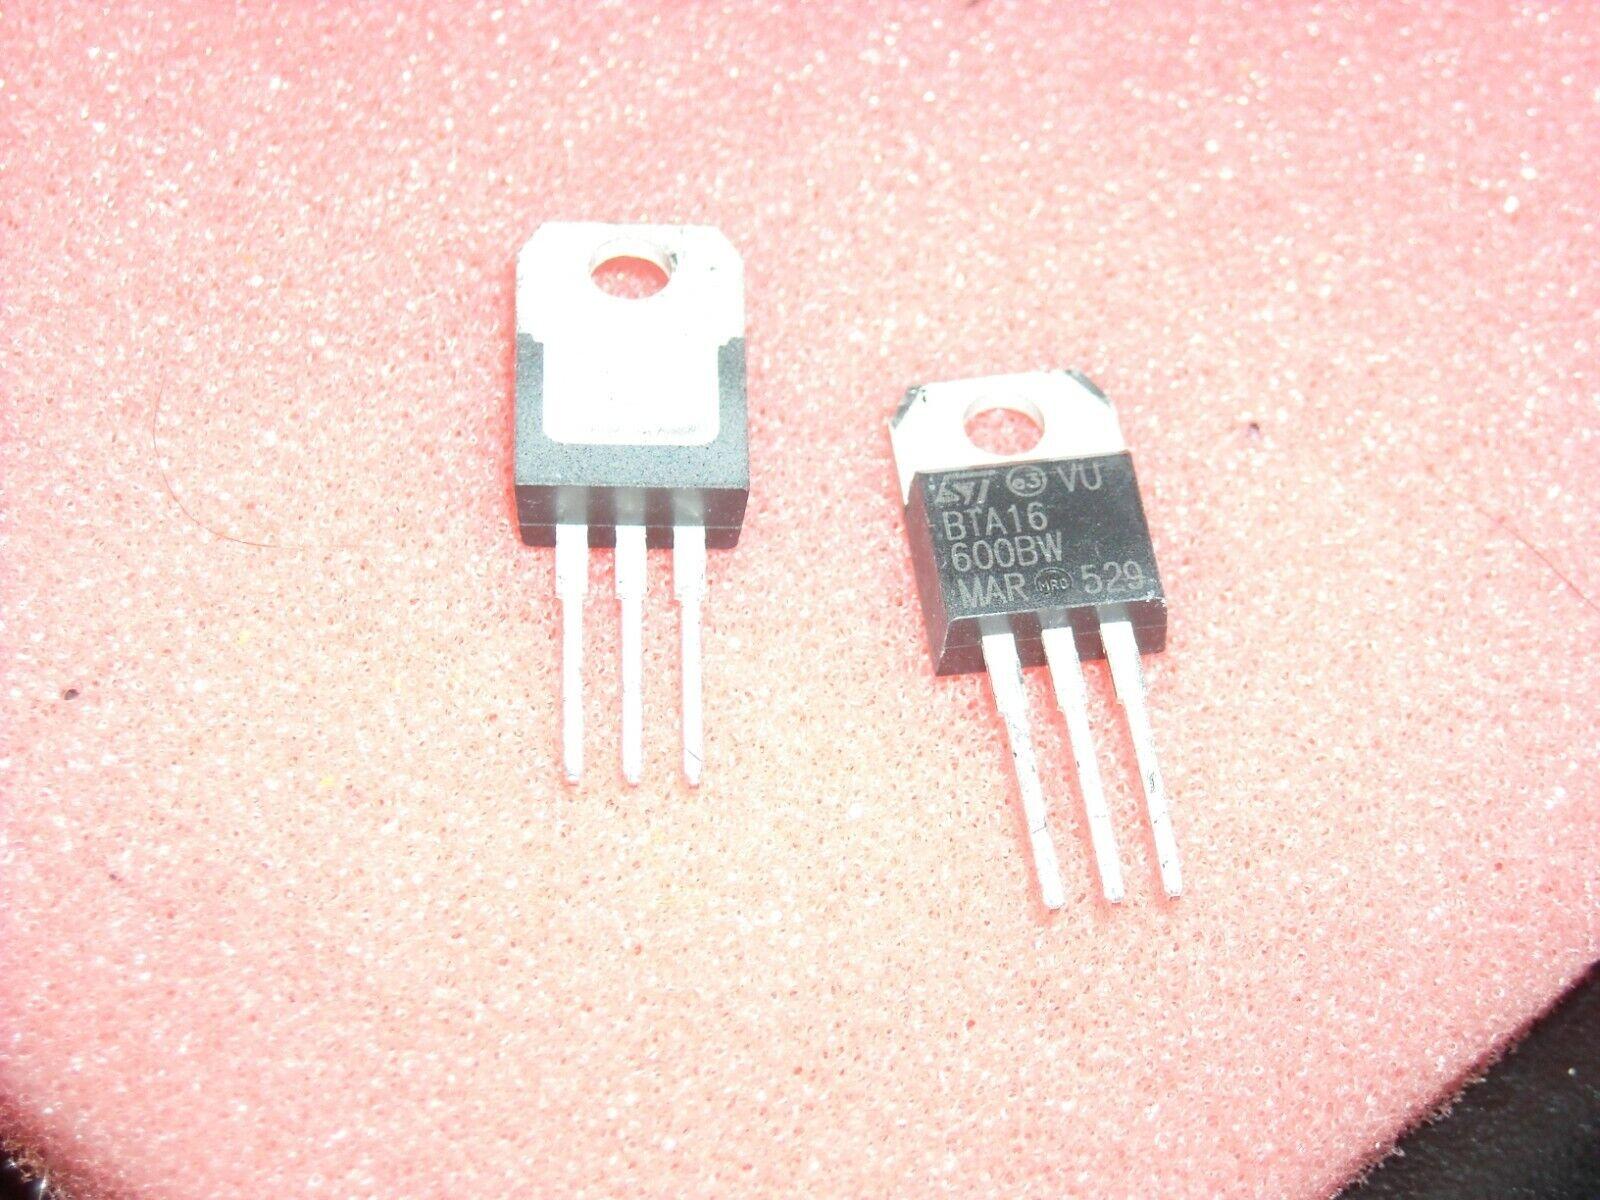 bta06-600t TRIAC 6a 600v 5ma to220 New 1 PC